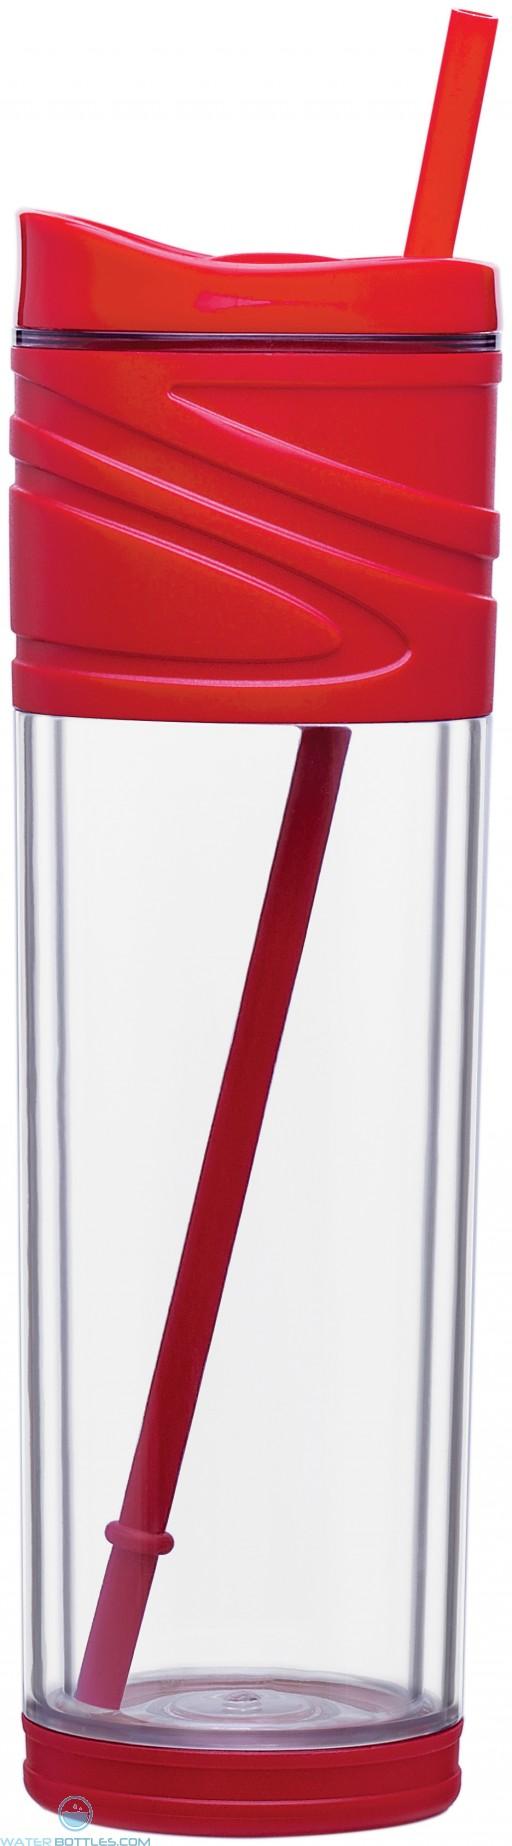 Melrose Water Bottles | 16 oz - Red